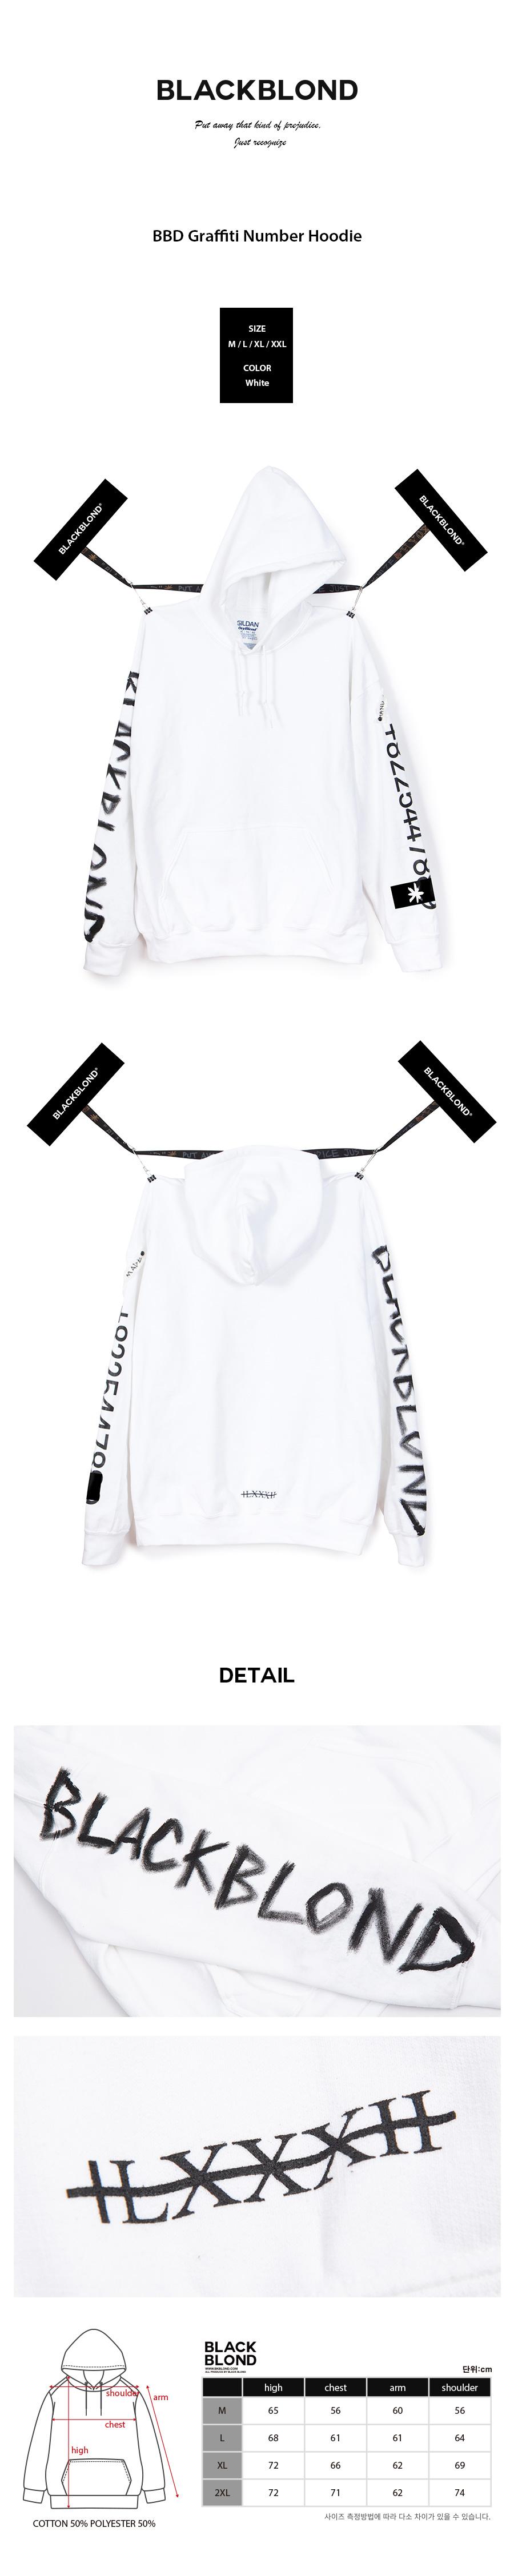 블랙블론드 BLACKBLOND - BBD Graffiti Number Hoodie (White)